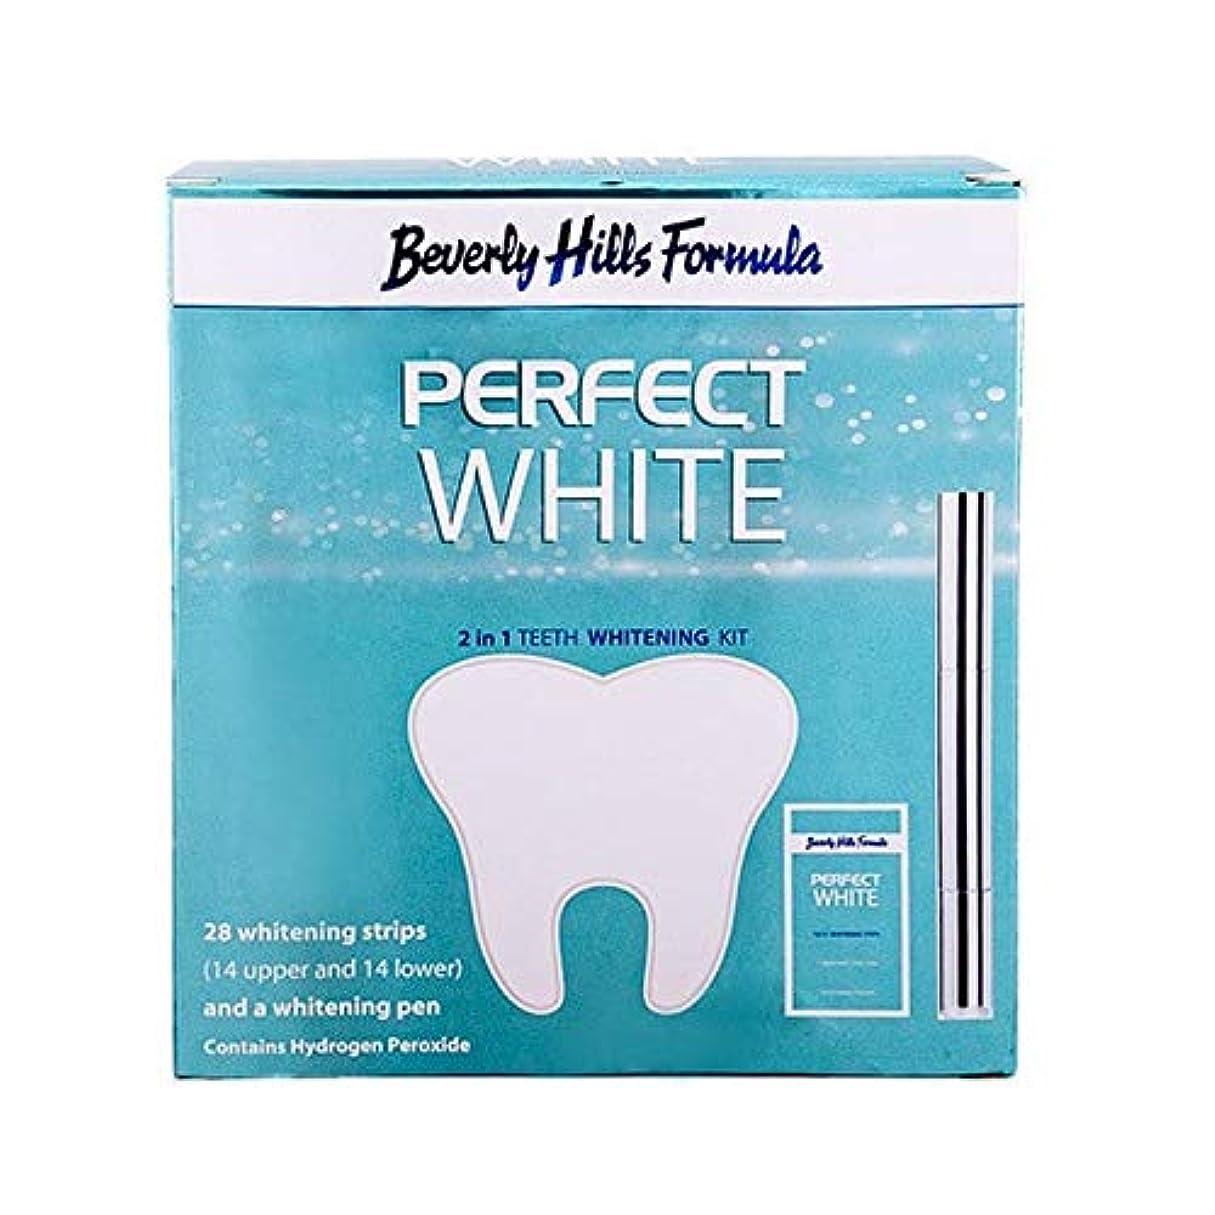 スキャンカートンはちみつ[Beverly Hills ] ビバリーヒルズ公式パーフェクトホワイト2 1でホワイトニングキット - Beverly Hills Formula Perfect White 2 in 1 Whitening kit...